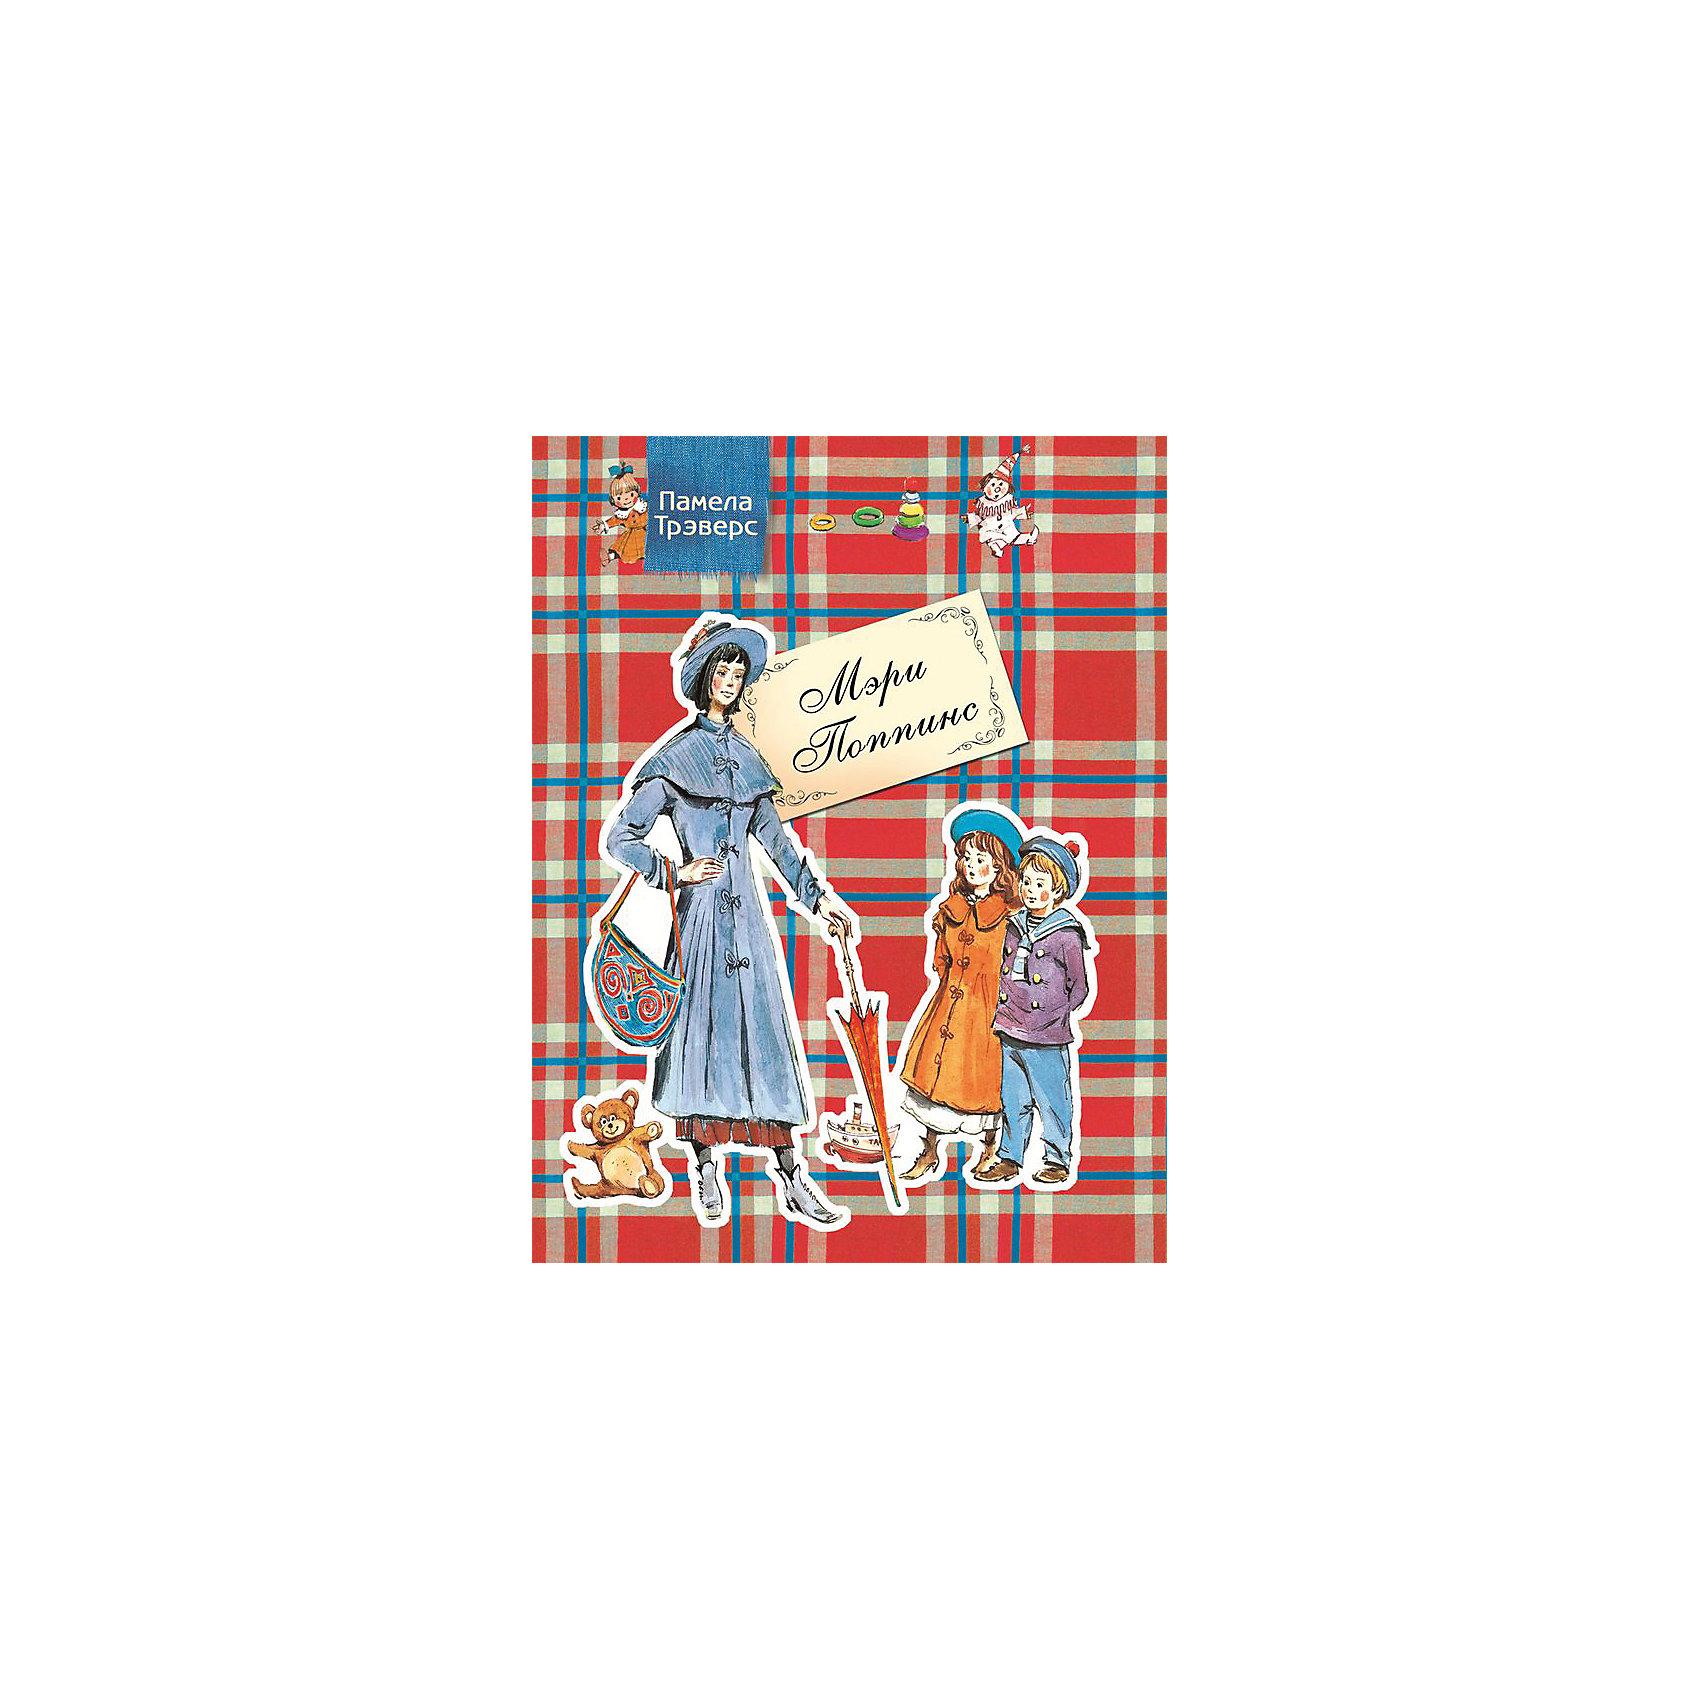 Мэри Поппинс, RosmanРассказы и повести<br>Знаменитая сказочная повесть английской писательницы Памелы Трэверс о необыкновенной няне Мэри Поппинс, которая появляется неизвестно откуда вместе с западным ветром и исчезает, когда ей заблагорассудится. &#13;<br>Мэри Поппинс любят дети во всех странах мира. Еще бы! Ведь она понимает язык зверей и птиц, а когда бывает в хорошем настроении, может даже взлететь под потолок. &#13;<br>&#13;<br>Иллюстрации к книге создал Вадим Челак, член Московского Союза художников, автор иллюстраций ко многим детским книгам, среди которых произведения Р. Киплинга, Д. Родари, М. Твена, А.П. Чехова и других писателей. За иллюстрации к книге Даниэля Дефо «Робинзон Крузо»  Вадим Челак был награжден дипломом Международной конфедерации союзов художников.&#13;<br>&#13;<br>Серия книг о Мэри Поппинс в обложке-«шотландке»: классический перевод Бориса Заходера, иллюстрации Вадима Челака, матовая обложка с выборочным лаком, крупный шрифт, текст печатается без сокращений.<br><br>Ширина мм: 200<br>Глубина мм: 10<br>Высота мм: 260<br>Вес г: 504<br>Возраст от месяцев: 84<br>Возраст до месяцев: 2147483647<br>Пол: Унисекс<br>Возраст: Детский<br>SKU: 6872150